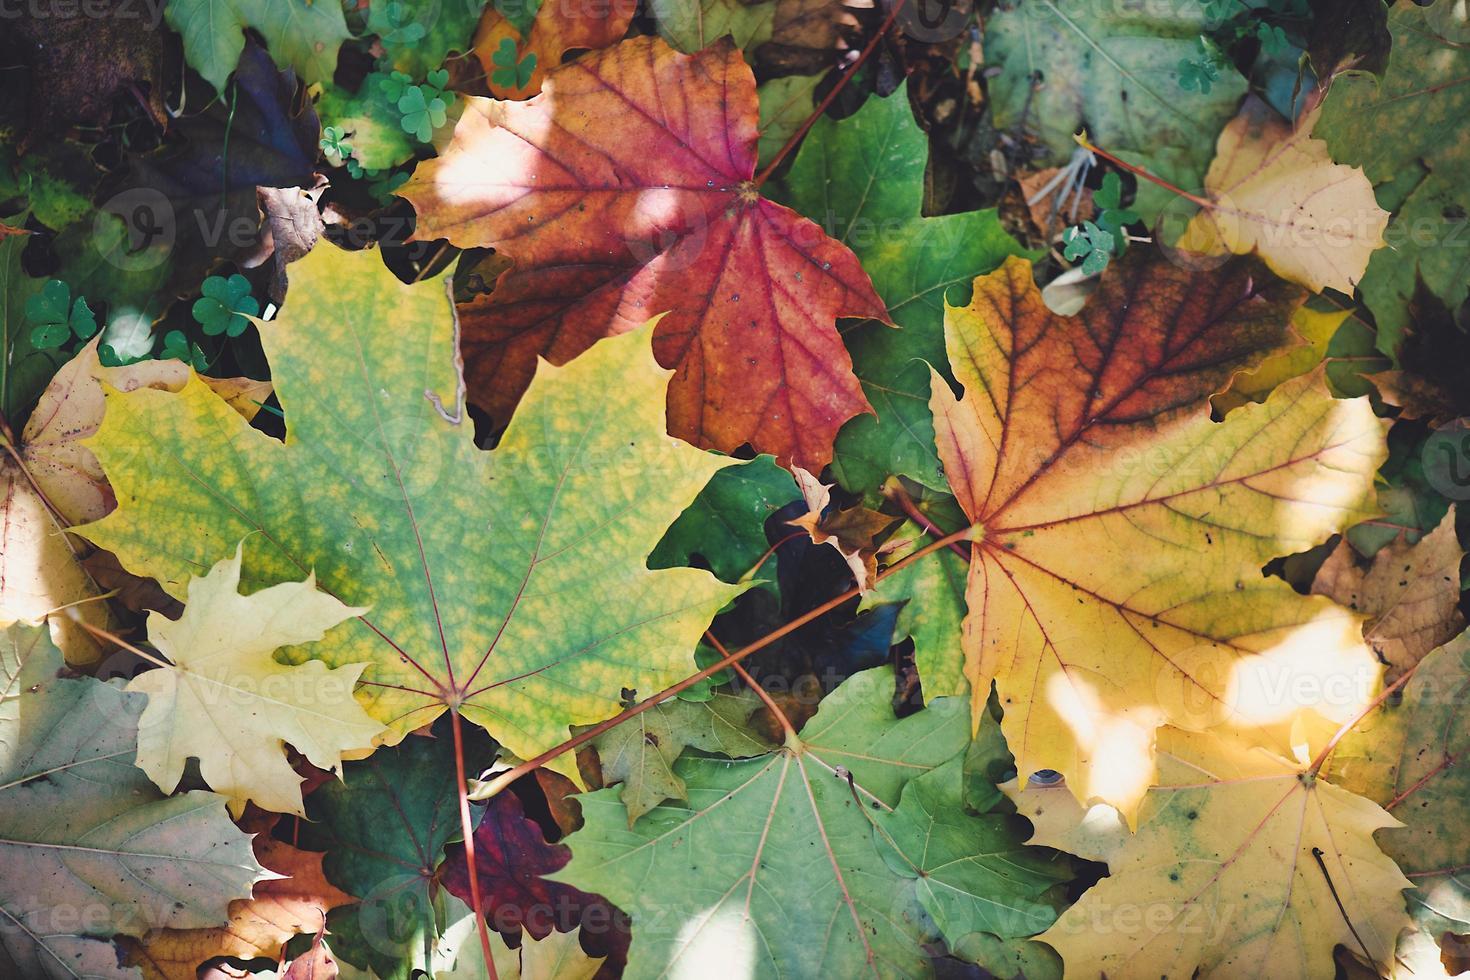 detalles de hojas recién caídas en el otoño foto